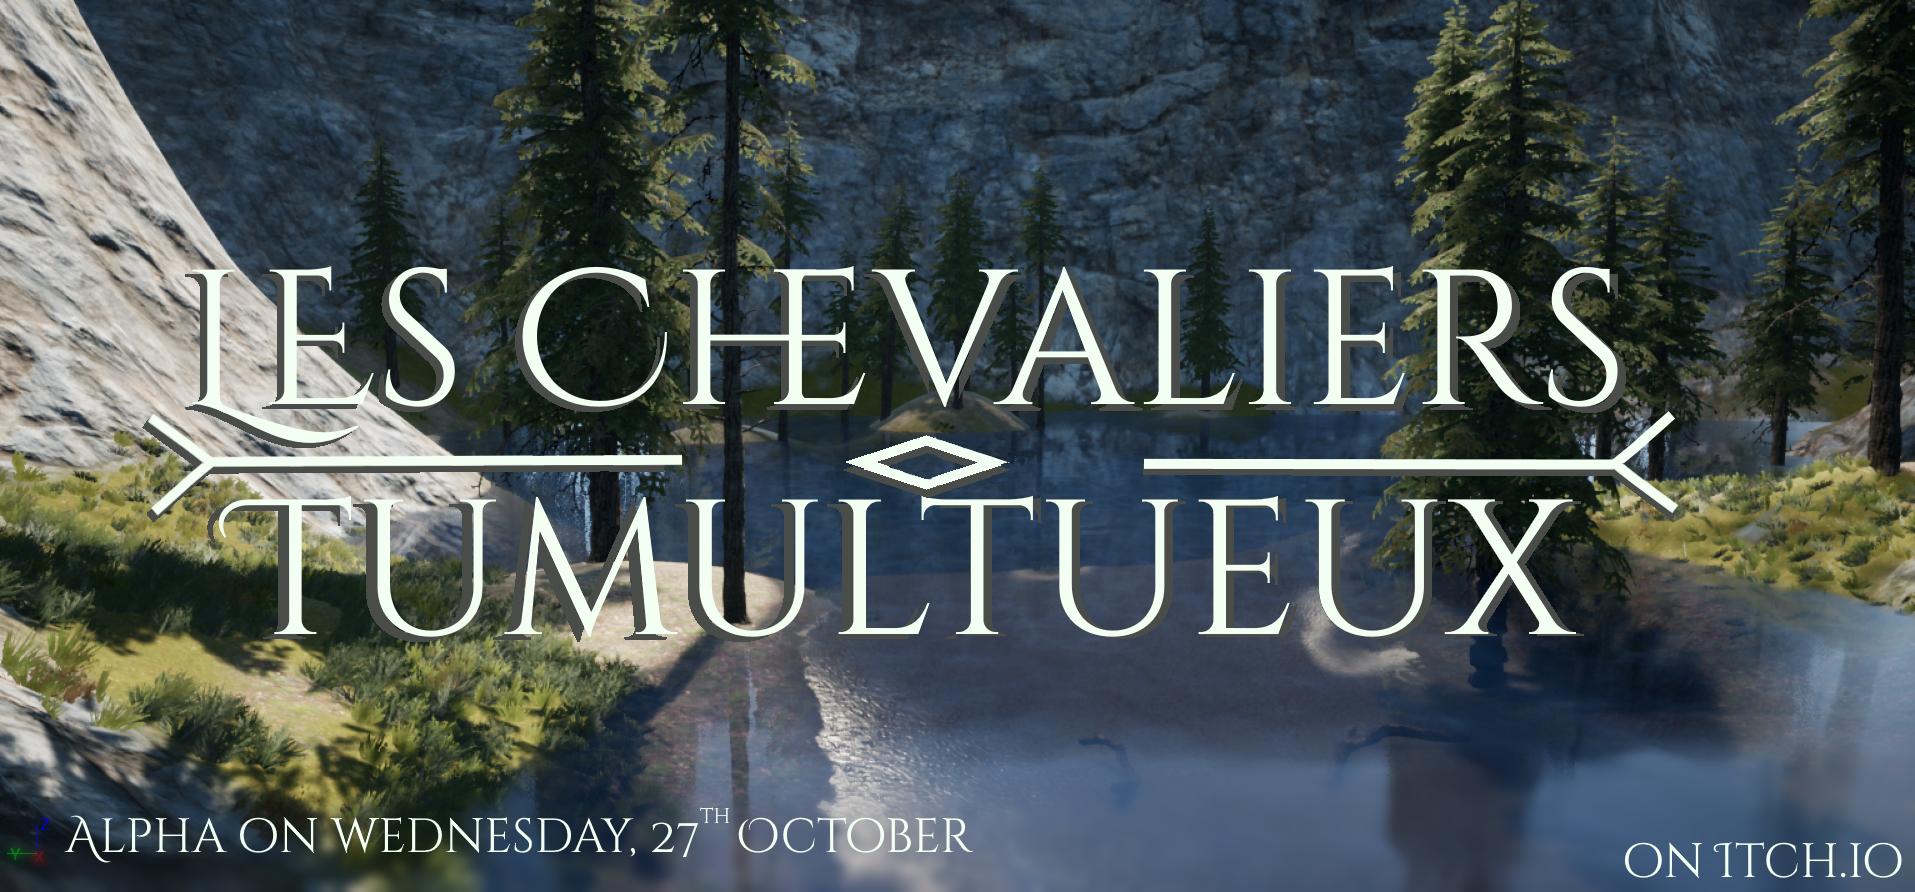 Les Chevaliers Tumultueux